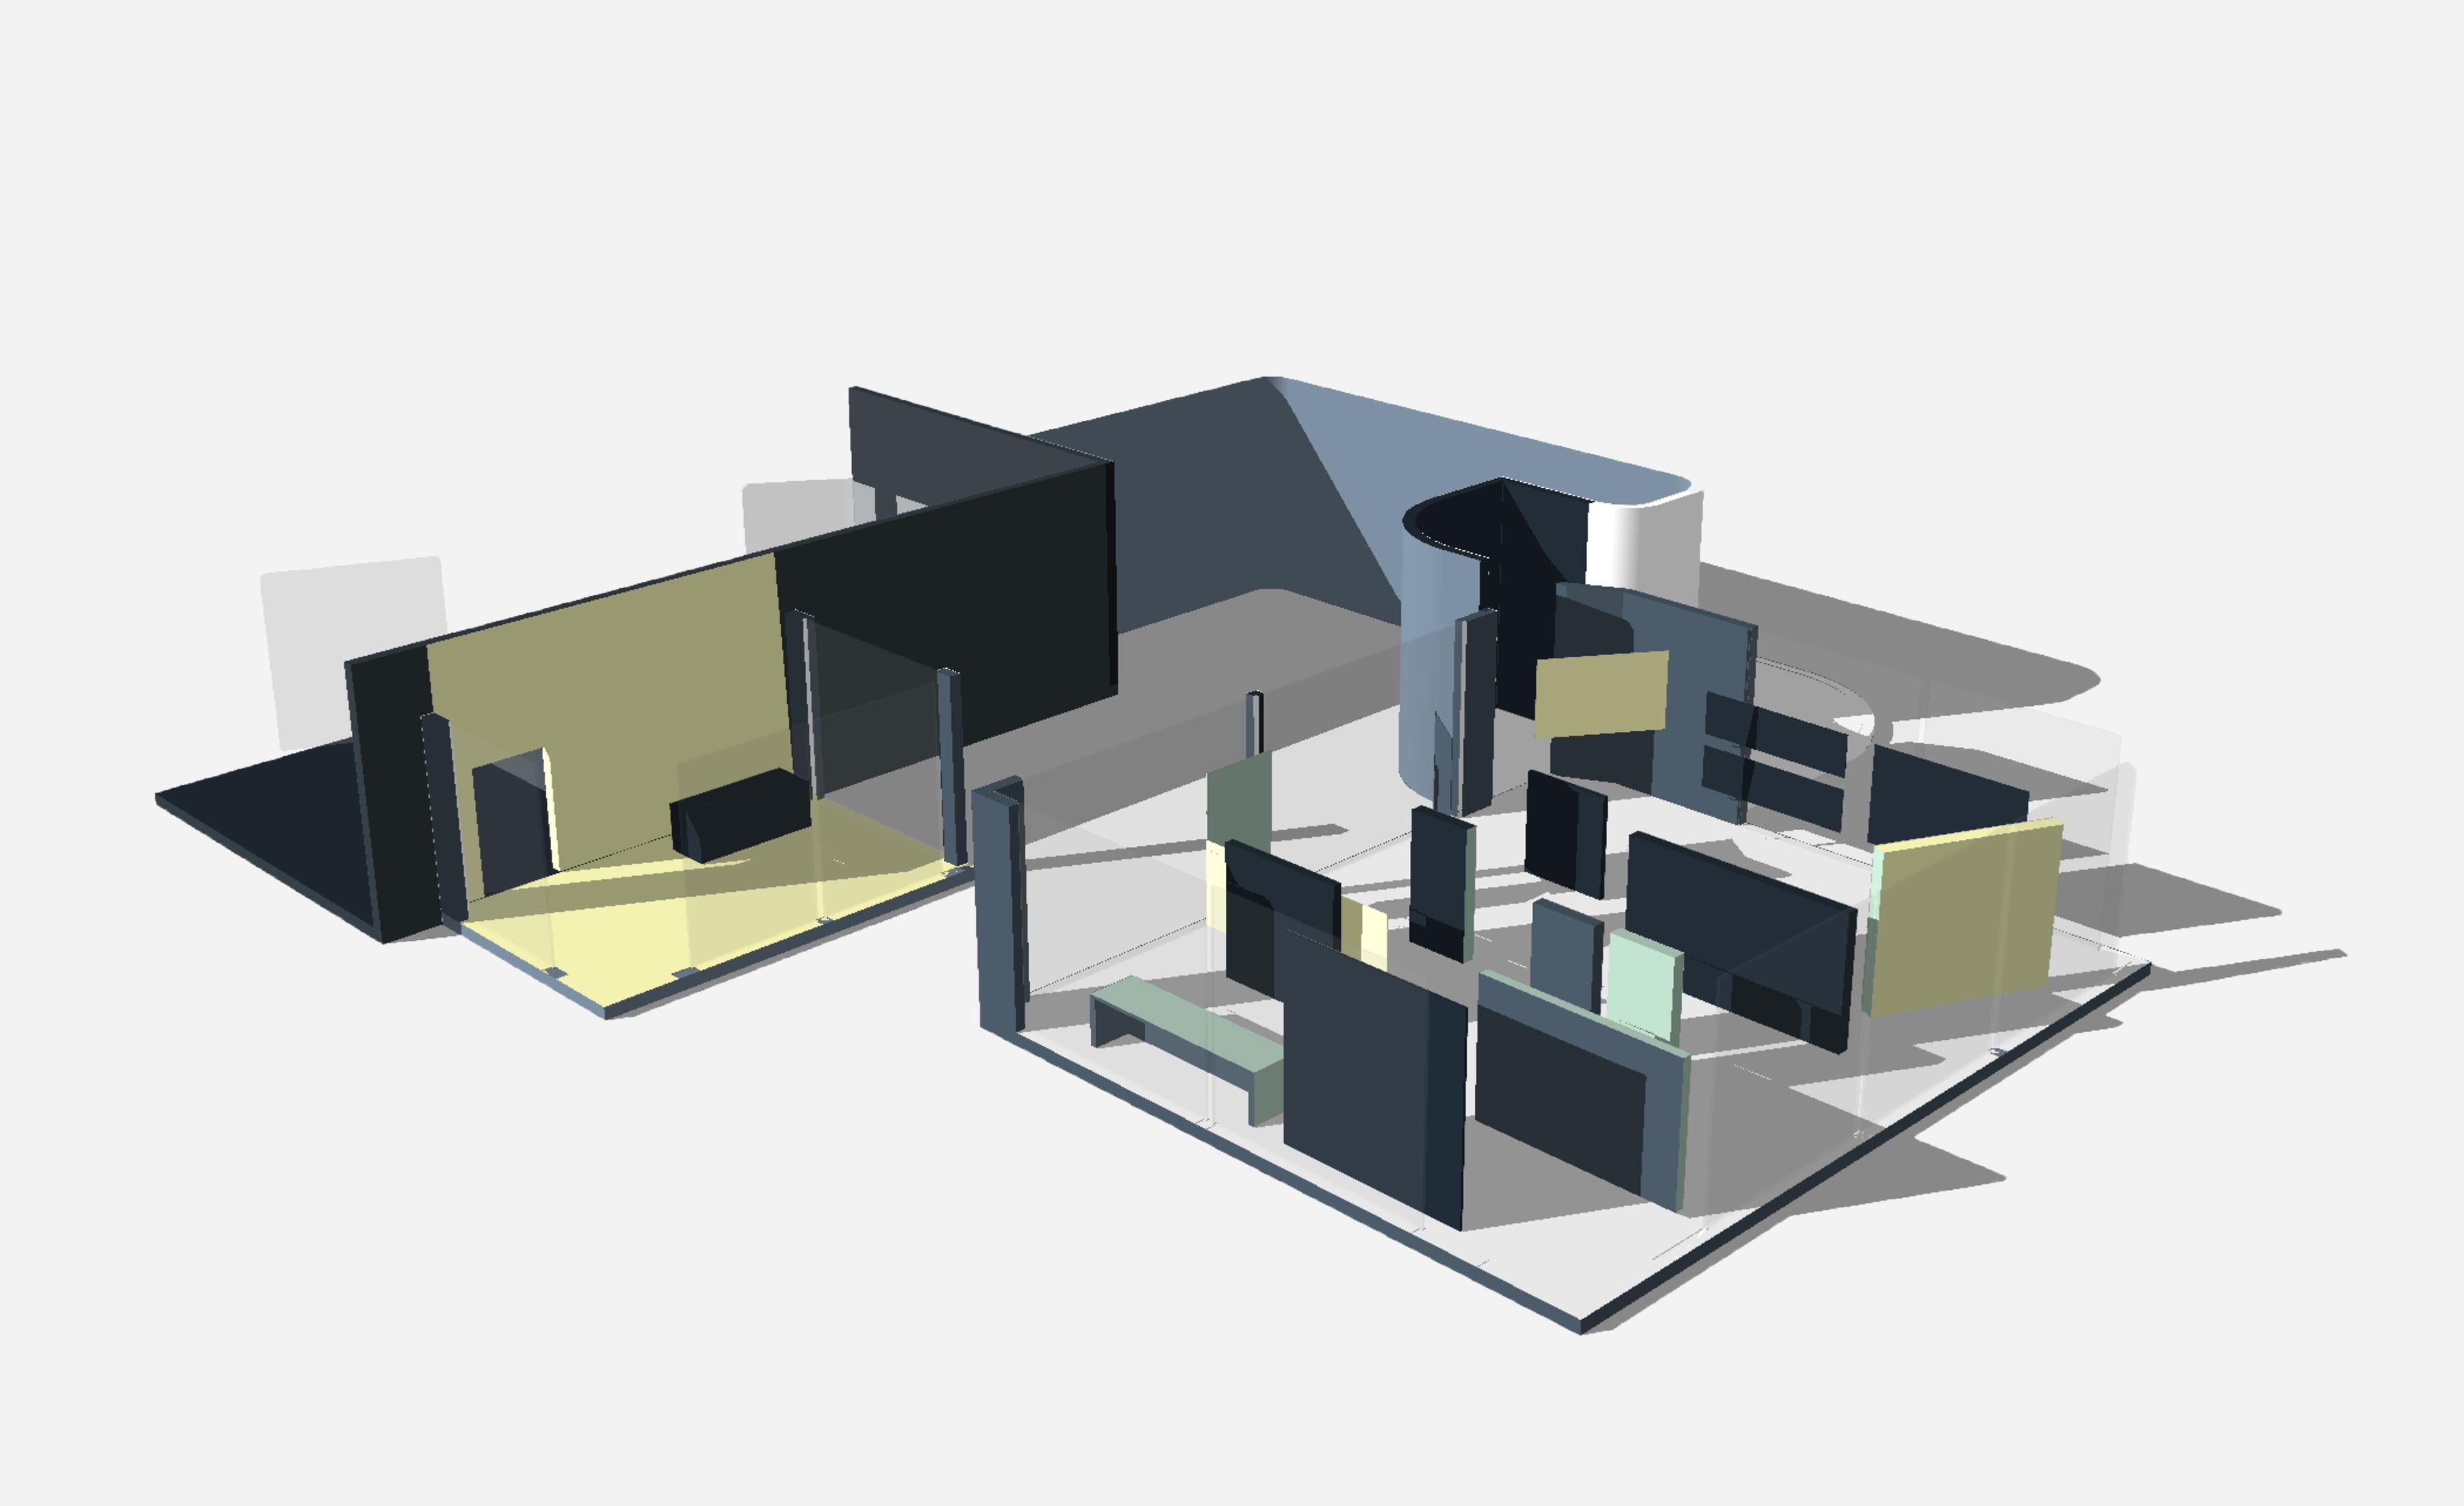 fp_overview_3D